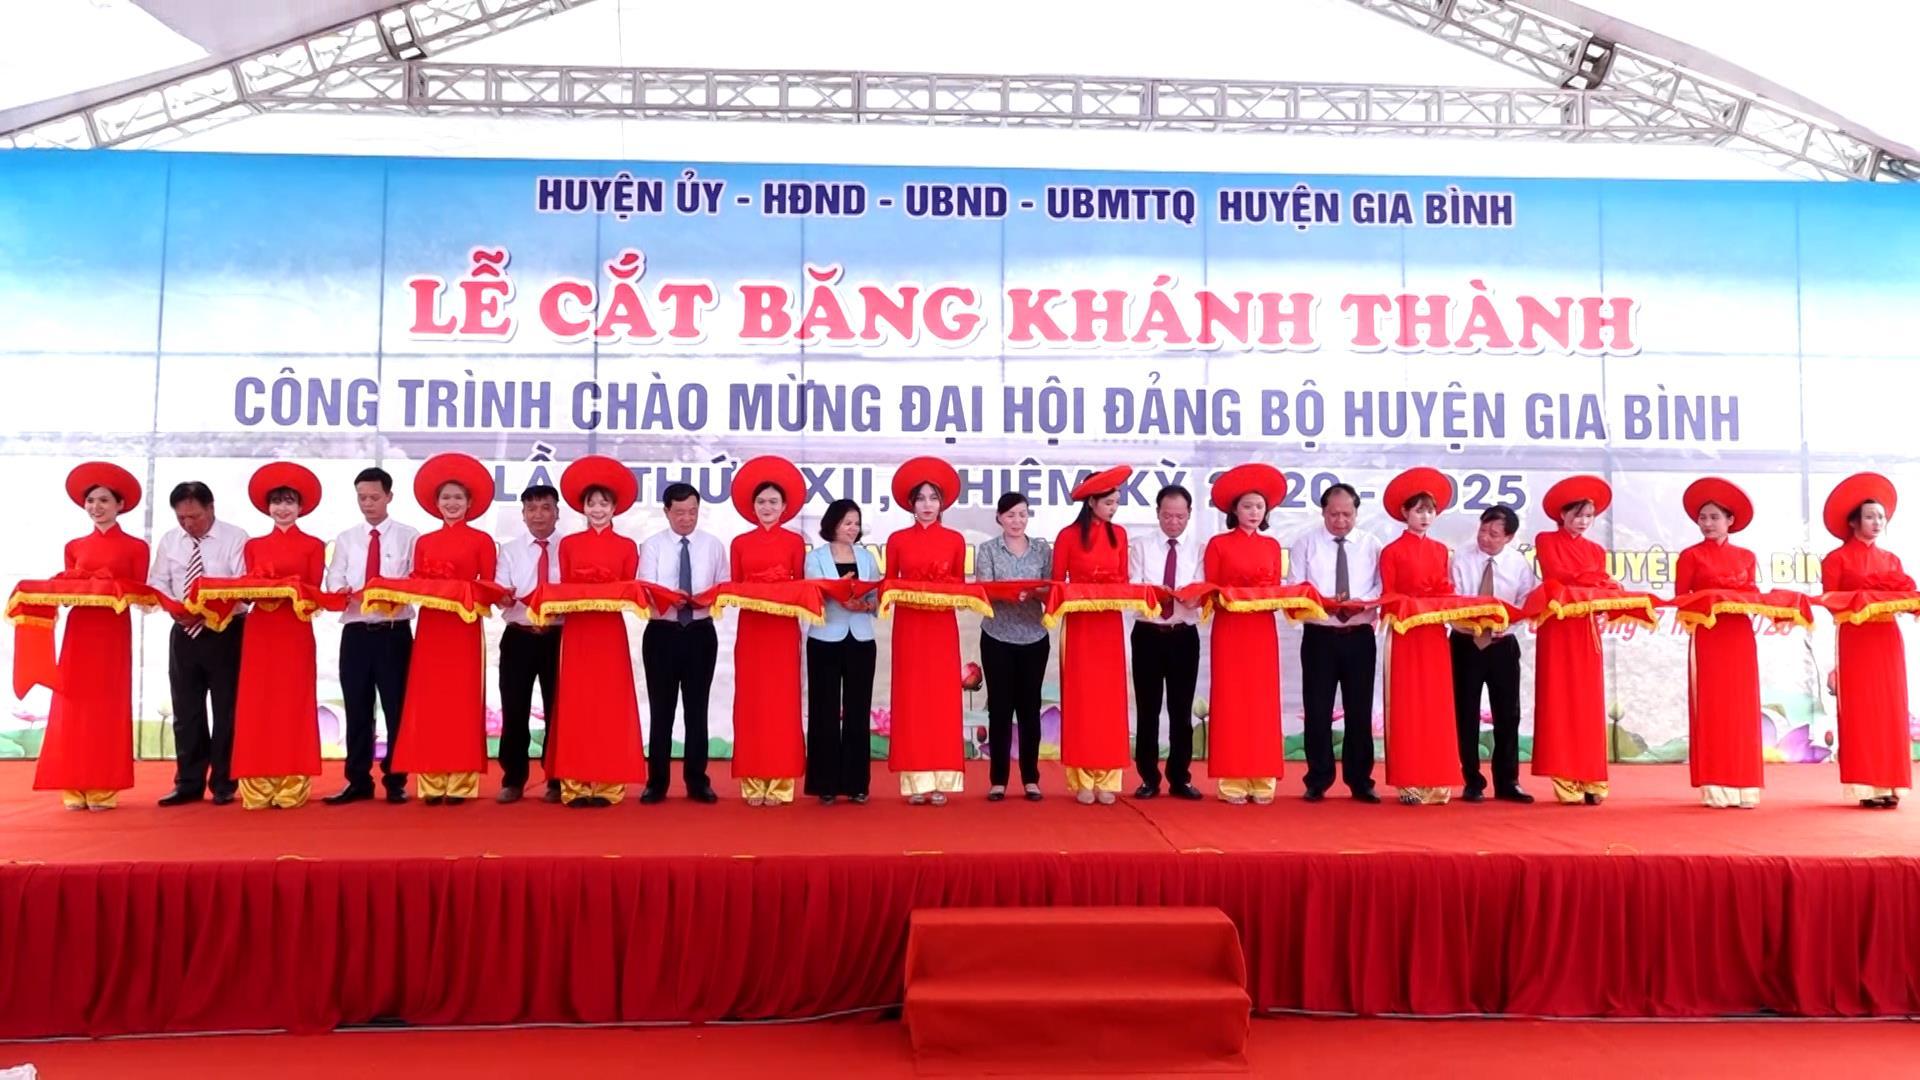 Khánh thành công trình chào mừng Đại hội Đảng bộ huyện Gia Bình lần thứ XII